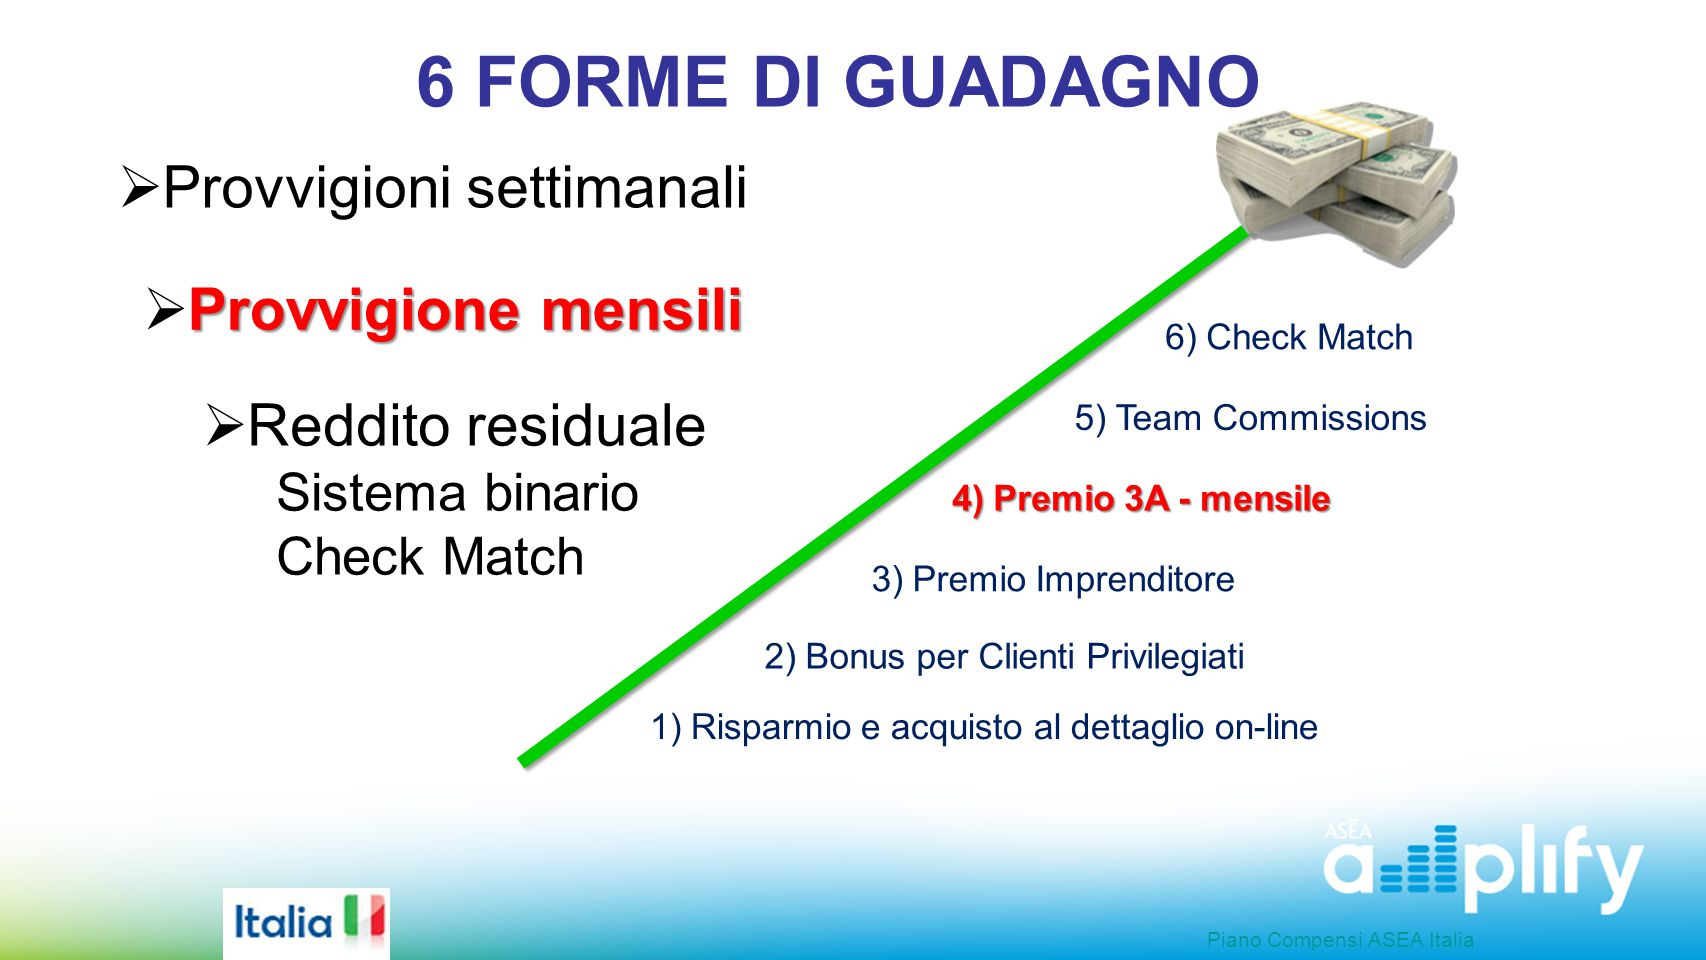 6 FORME DI GUADAGNO 1) Risparmio e acquisto al dettaglio on-line 2) Bonus per Clienti Privilegiati 3) Premio Imprenditore 4) Premio 3A - mensile 5) Te